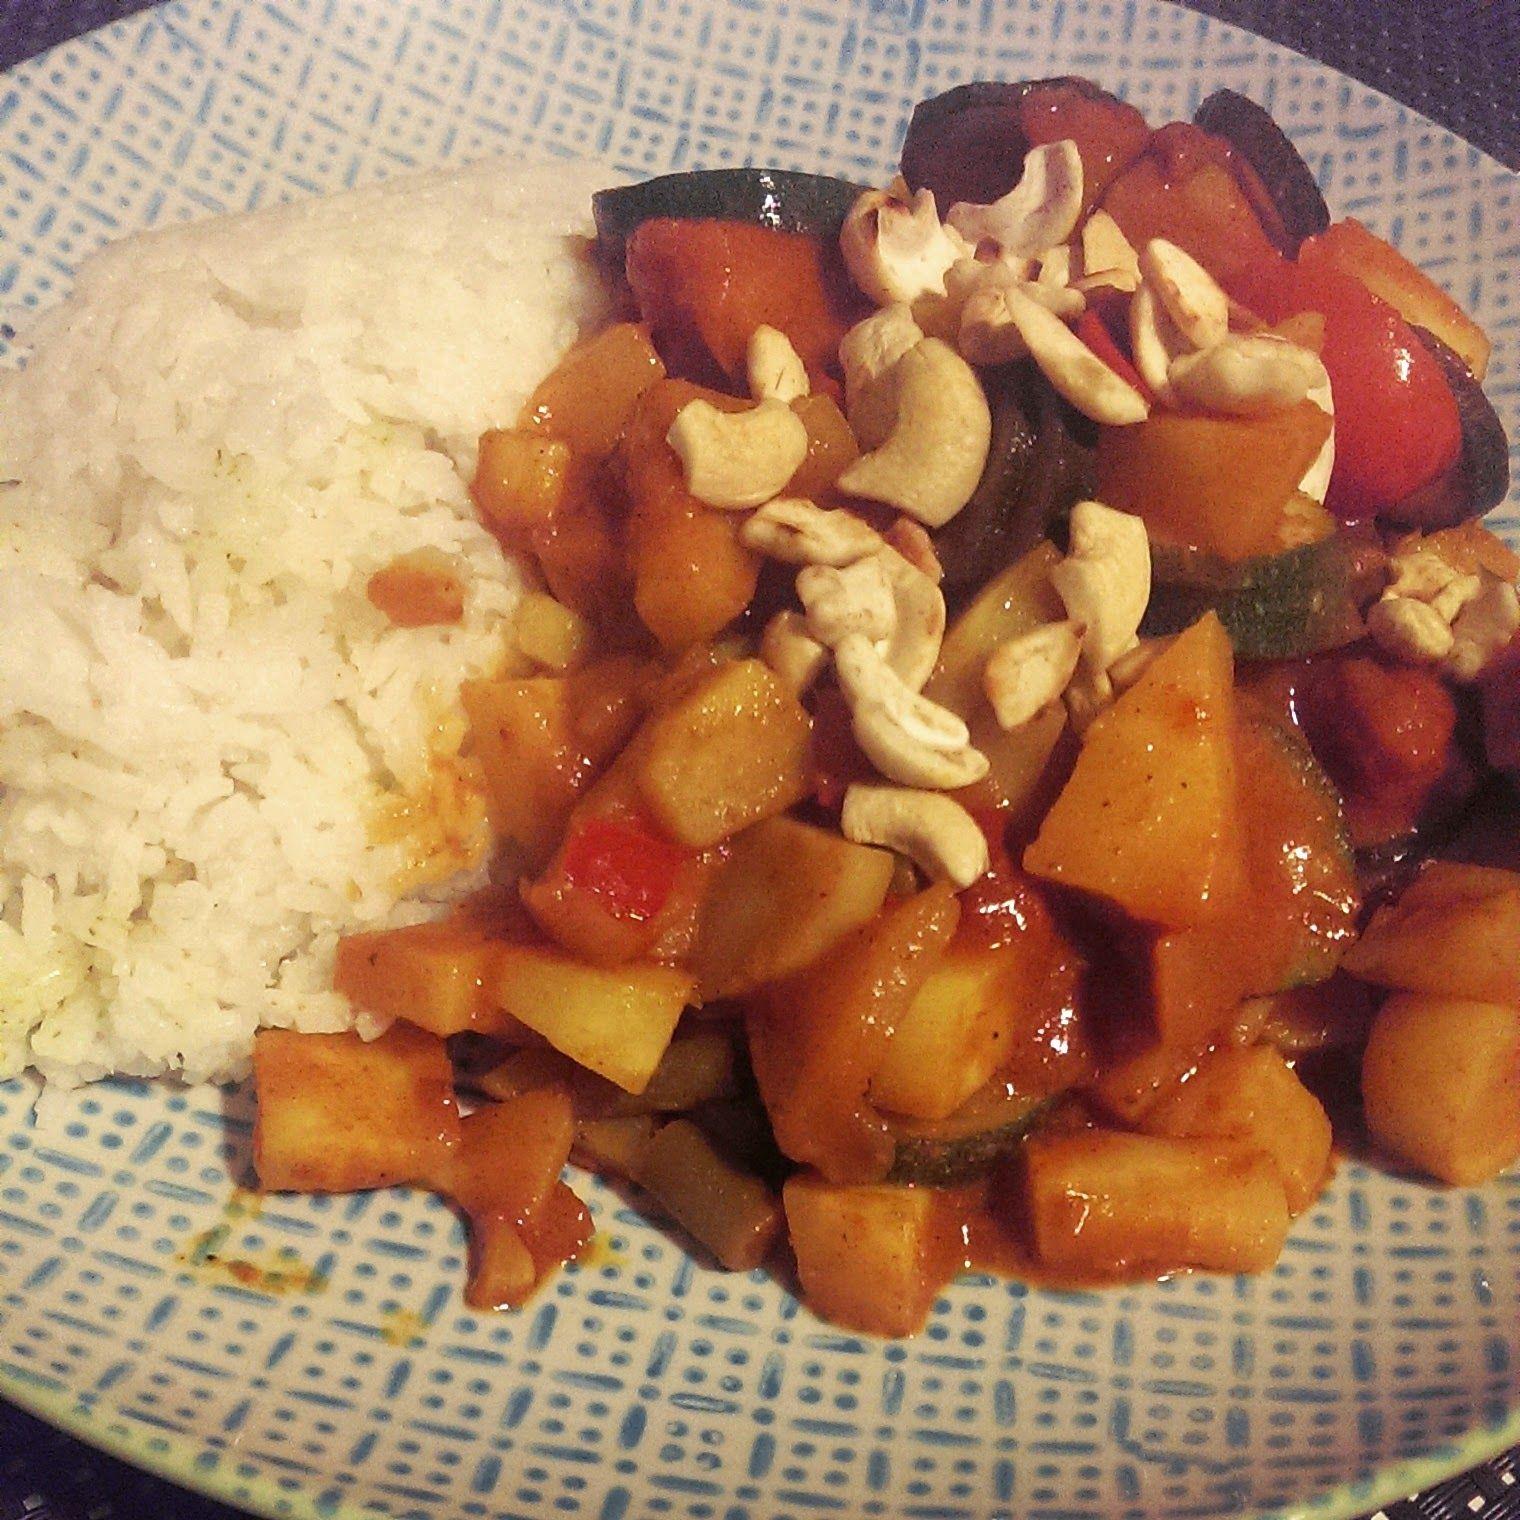 Abends gab es bei FrauJupiter Pastinaken-Zucchini-Gemüse in einer Fertigsauce von Sanchon und mit Cashewkernen und Reis